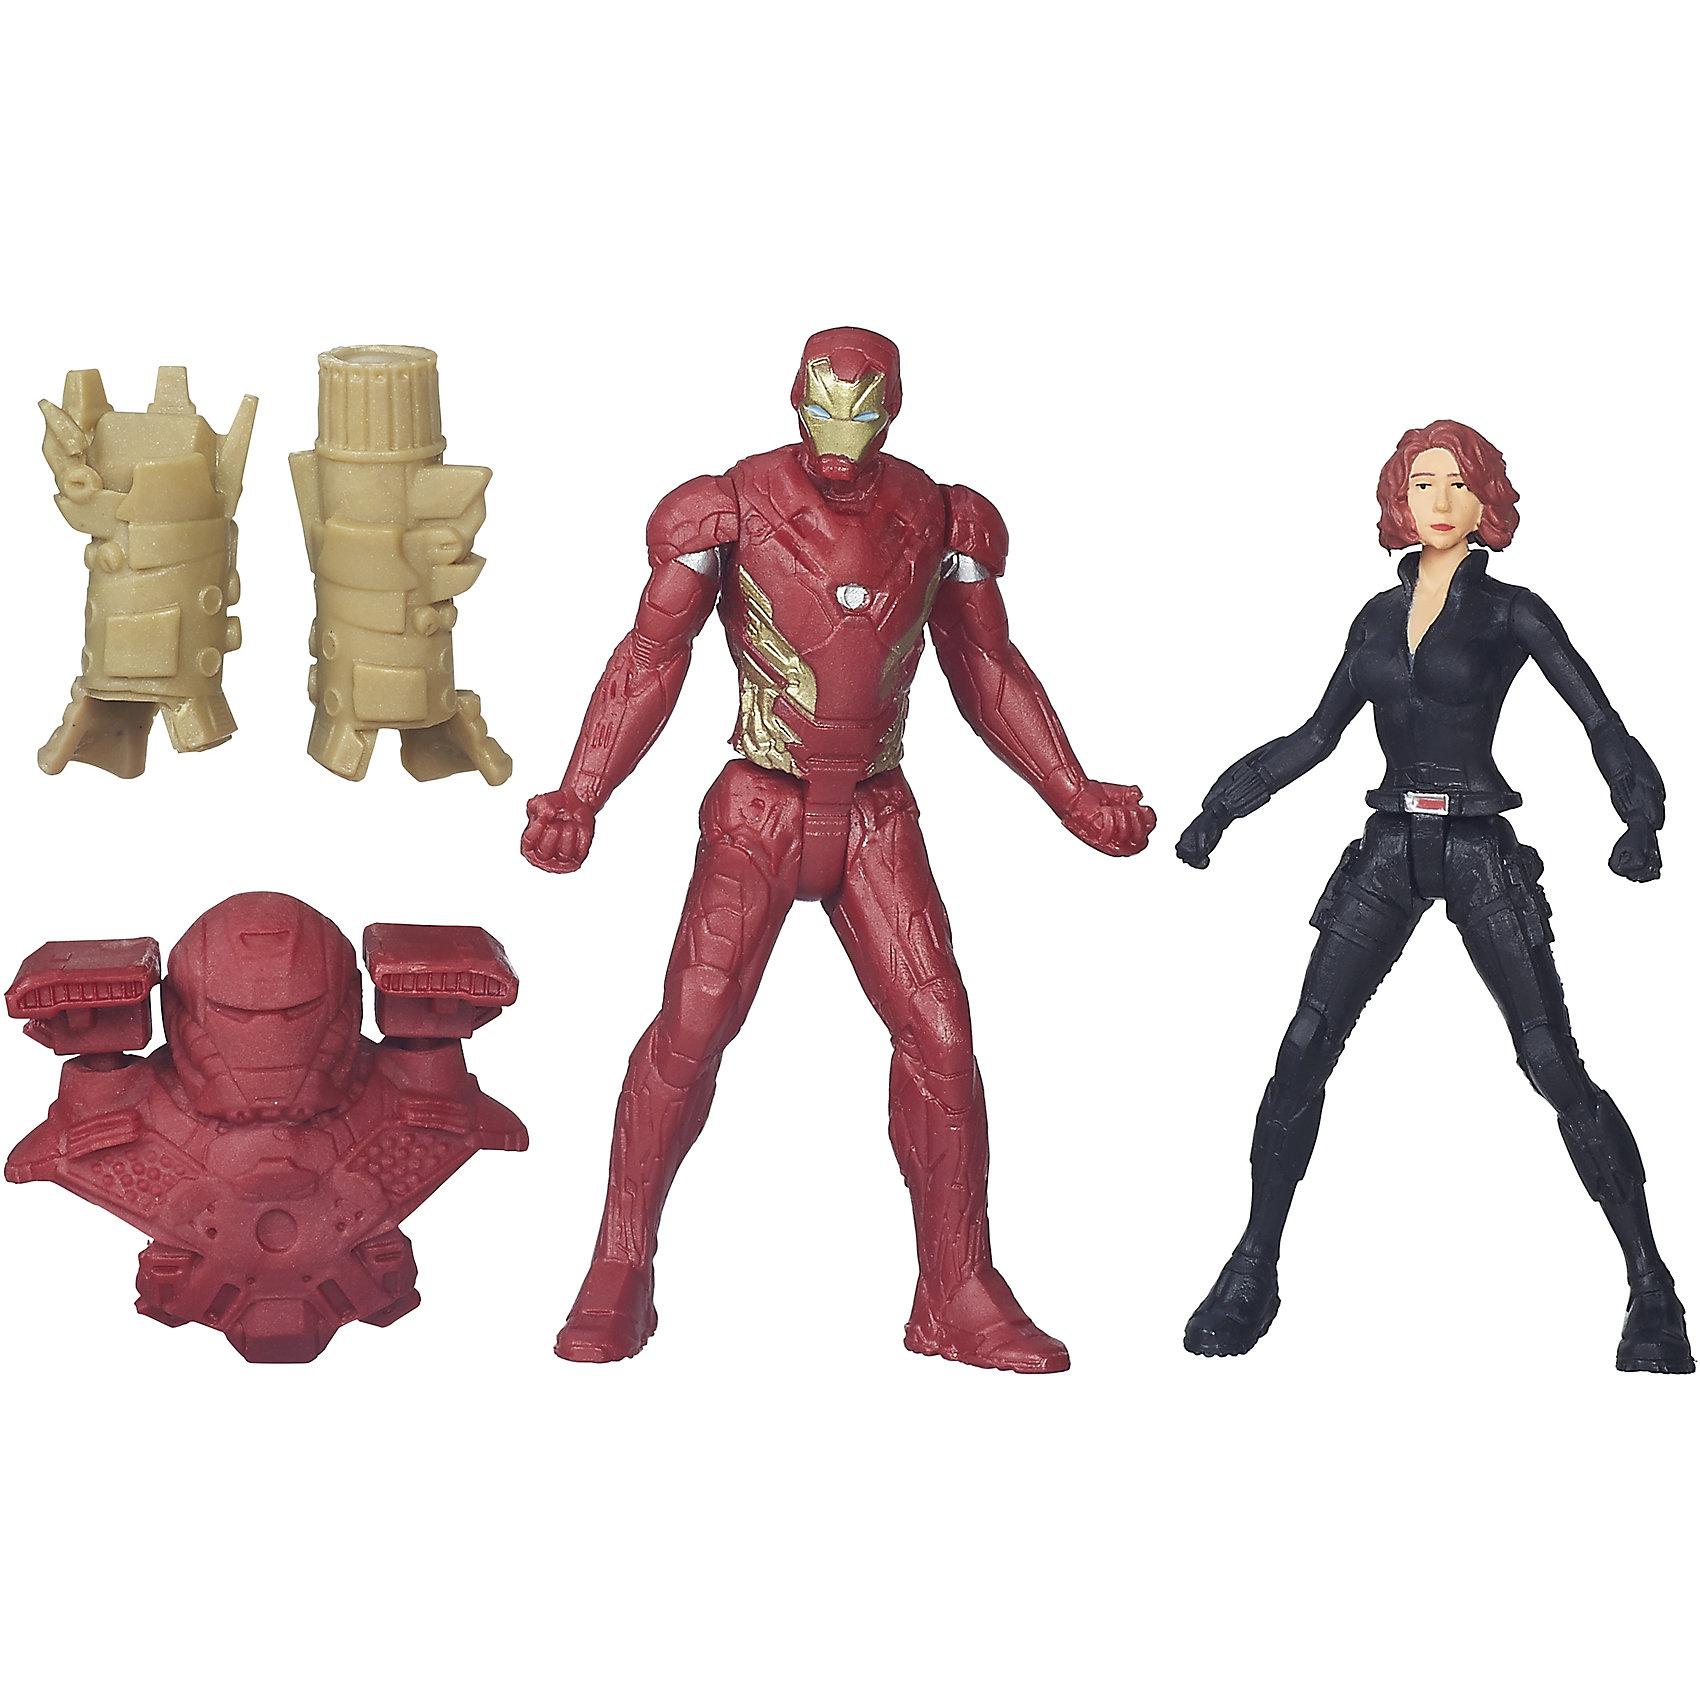 Набор из 2 фигурок Мстителей Iron Man vs Black WidowИгрушки<br>Набор из 2 фигурок Мстителей Iron Man vs Black Widow.<br><br>Характеристики:<br><br>- В комплекте: 2 фигурки, броня<br>- Высота фигурки: 6 см.<br>- Материал: высококачественный пластик<br>- Размер упаковки: 16x14x4 см.<br><br>Игровой набор из фигурок от Hasbro вызовет настоящий восторг у юного поклонника знаменитой вселенной Marvel. Фигурки изготовлены из высококачественного прочного пластика и выполнены в виде Железного человека и Черной вдовы. В комплекте с фигурками идут дополнительные аксессуары: элементы бронекостюма Железного человека. Игрушечные персонажи максимально соответствует своим прототипам с учетом особенностей образа каждого героя. Фигурки имеют по пять точек артикуляции, что позволяет придавать им необходимое положение во время игры. Имея в игровом арсенале этих персонажей, ребенок сможет разыграть множество увлекательнейших сюжетов. В них в очередной раз развернется отчаянная борьба за мир, и смелые герои вновь спасут его благодаря своей силе, ловкости и находчивости! Совместимо с Башней Мстителей.<br><br>Набор из 2 фигурок Мстителей Iron Man vs Black Widow можно купить в нашем интернет-магазине.<br><br>Ширина мм: 44<br>Глубина мм: 140<br>Высота мм: 159<br>Вес г: 50<br>Возраст от месяцев: 48<br>Возраст до месяцев: 144<br>Пол: Мужской<br>Возраст: Детский<br>SKU: 4874296